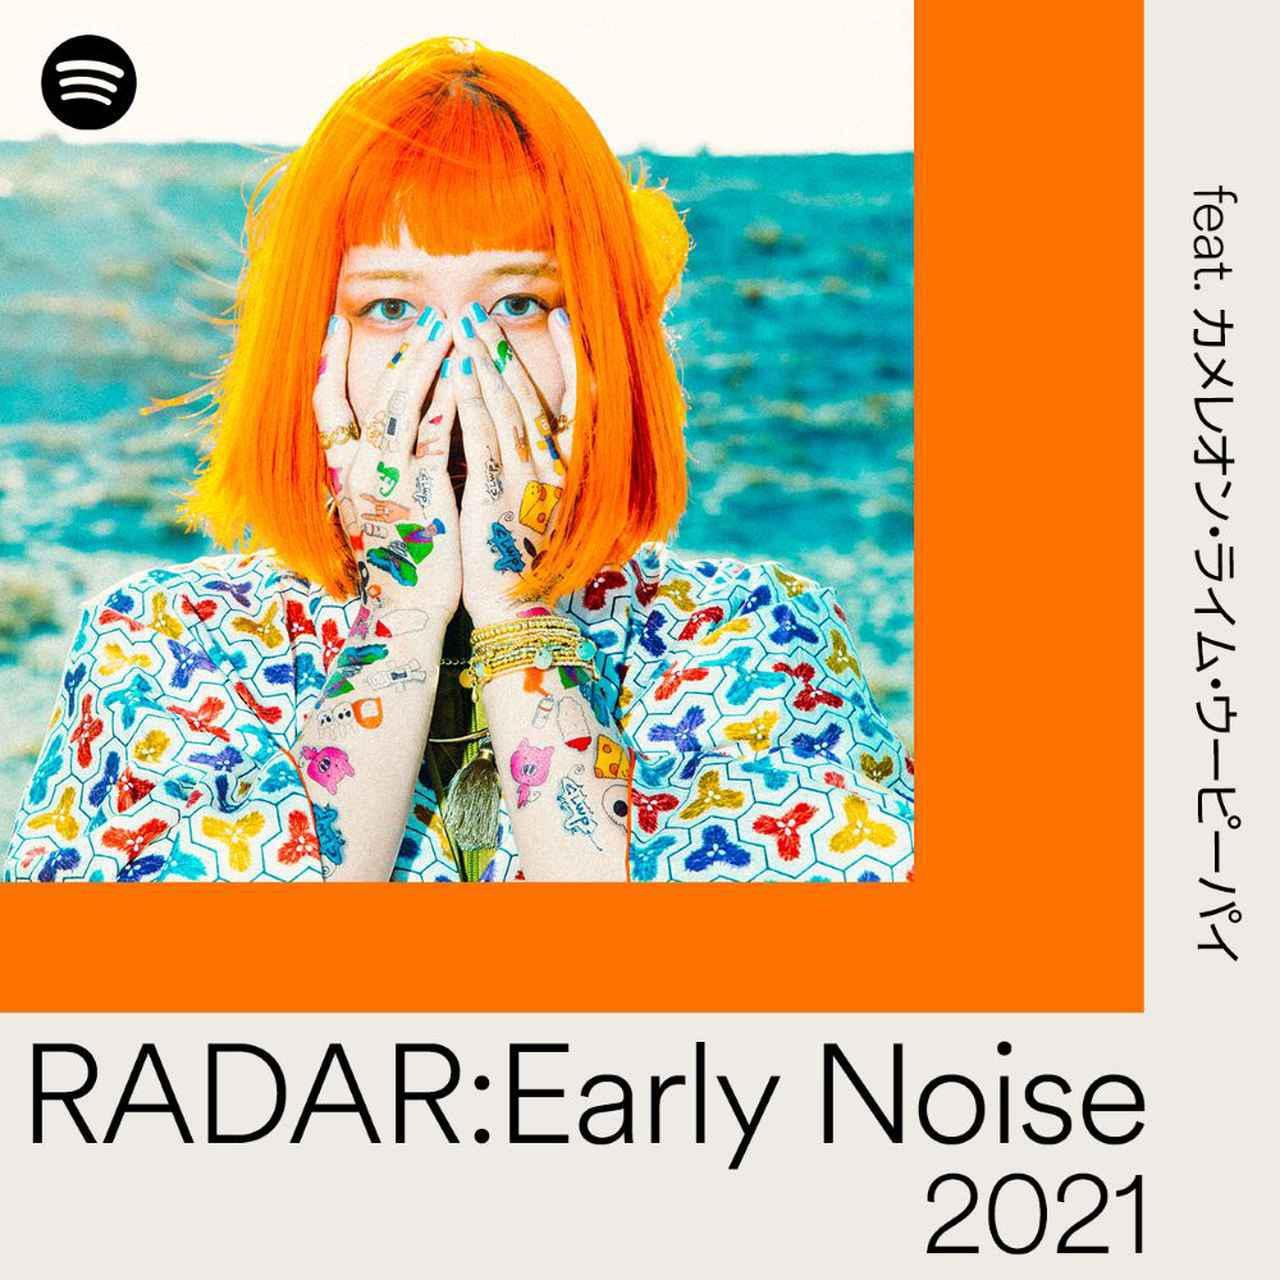 画像2: Spotify、新進アーティスト応援プログラム「Early Noise 2021」を発表。魅惑ボイスの「にしな」ほか、躍進を期待する10組を選出